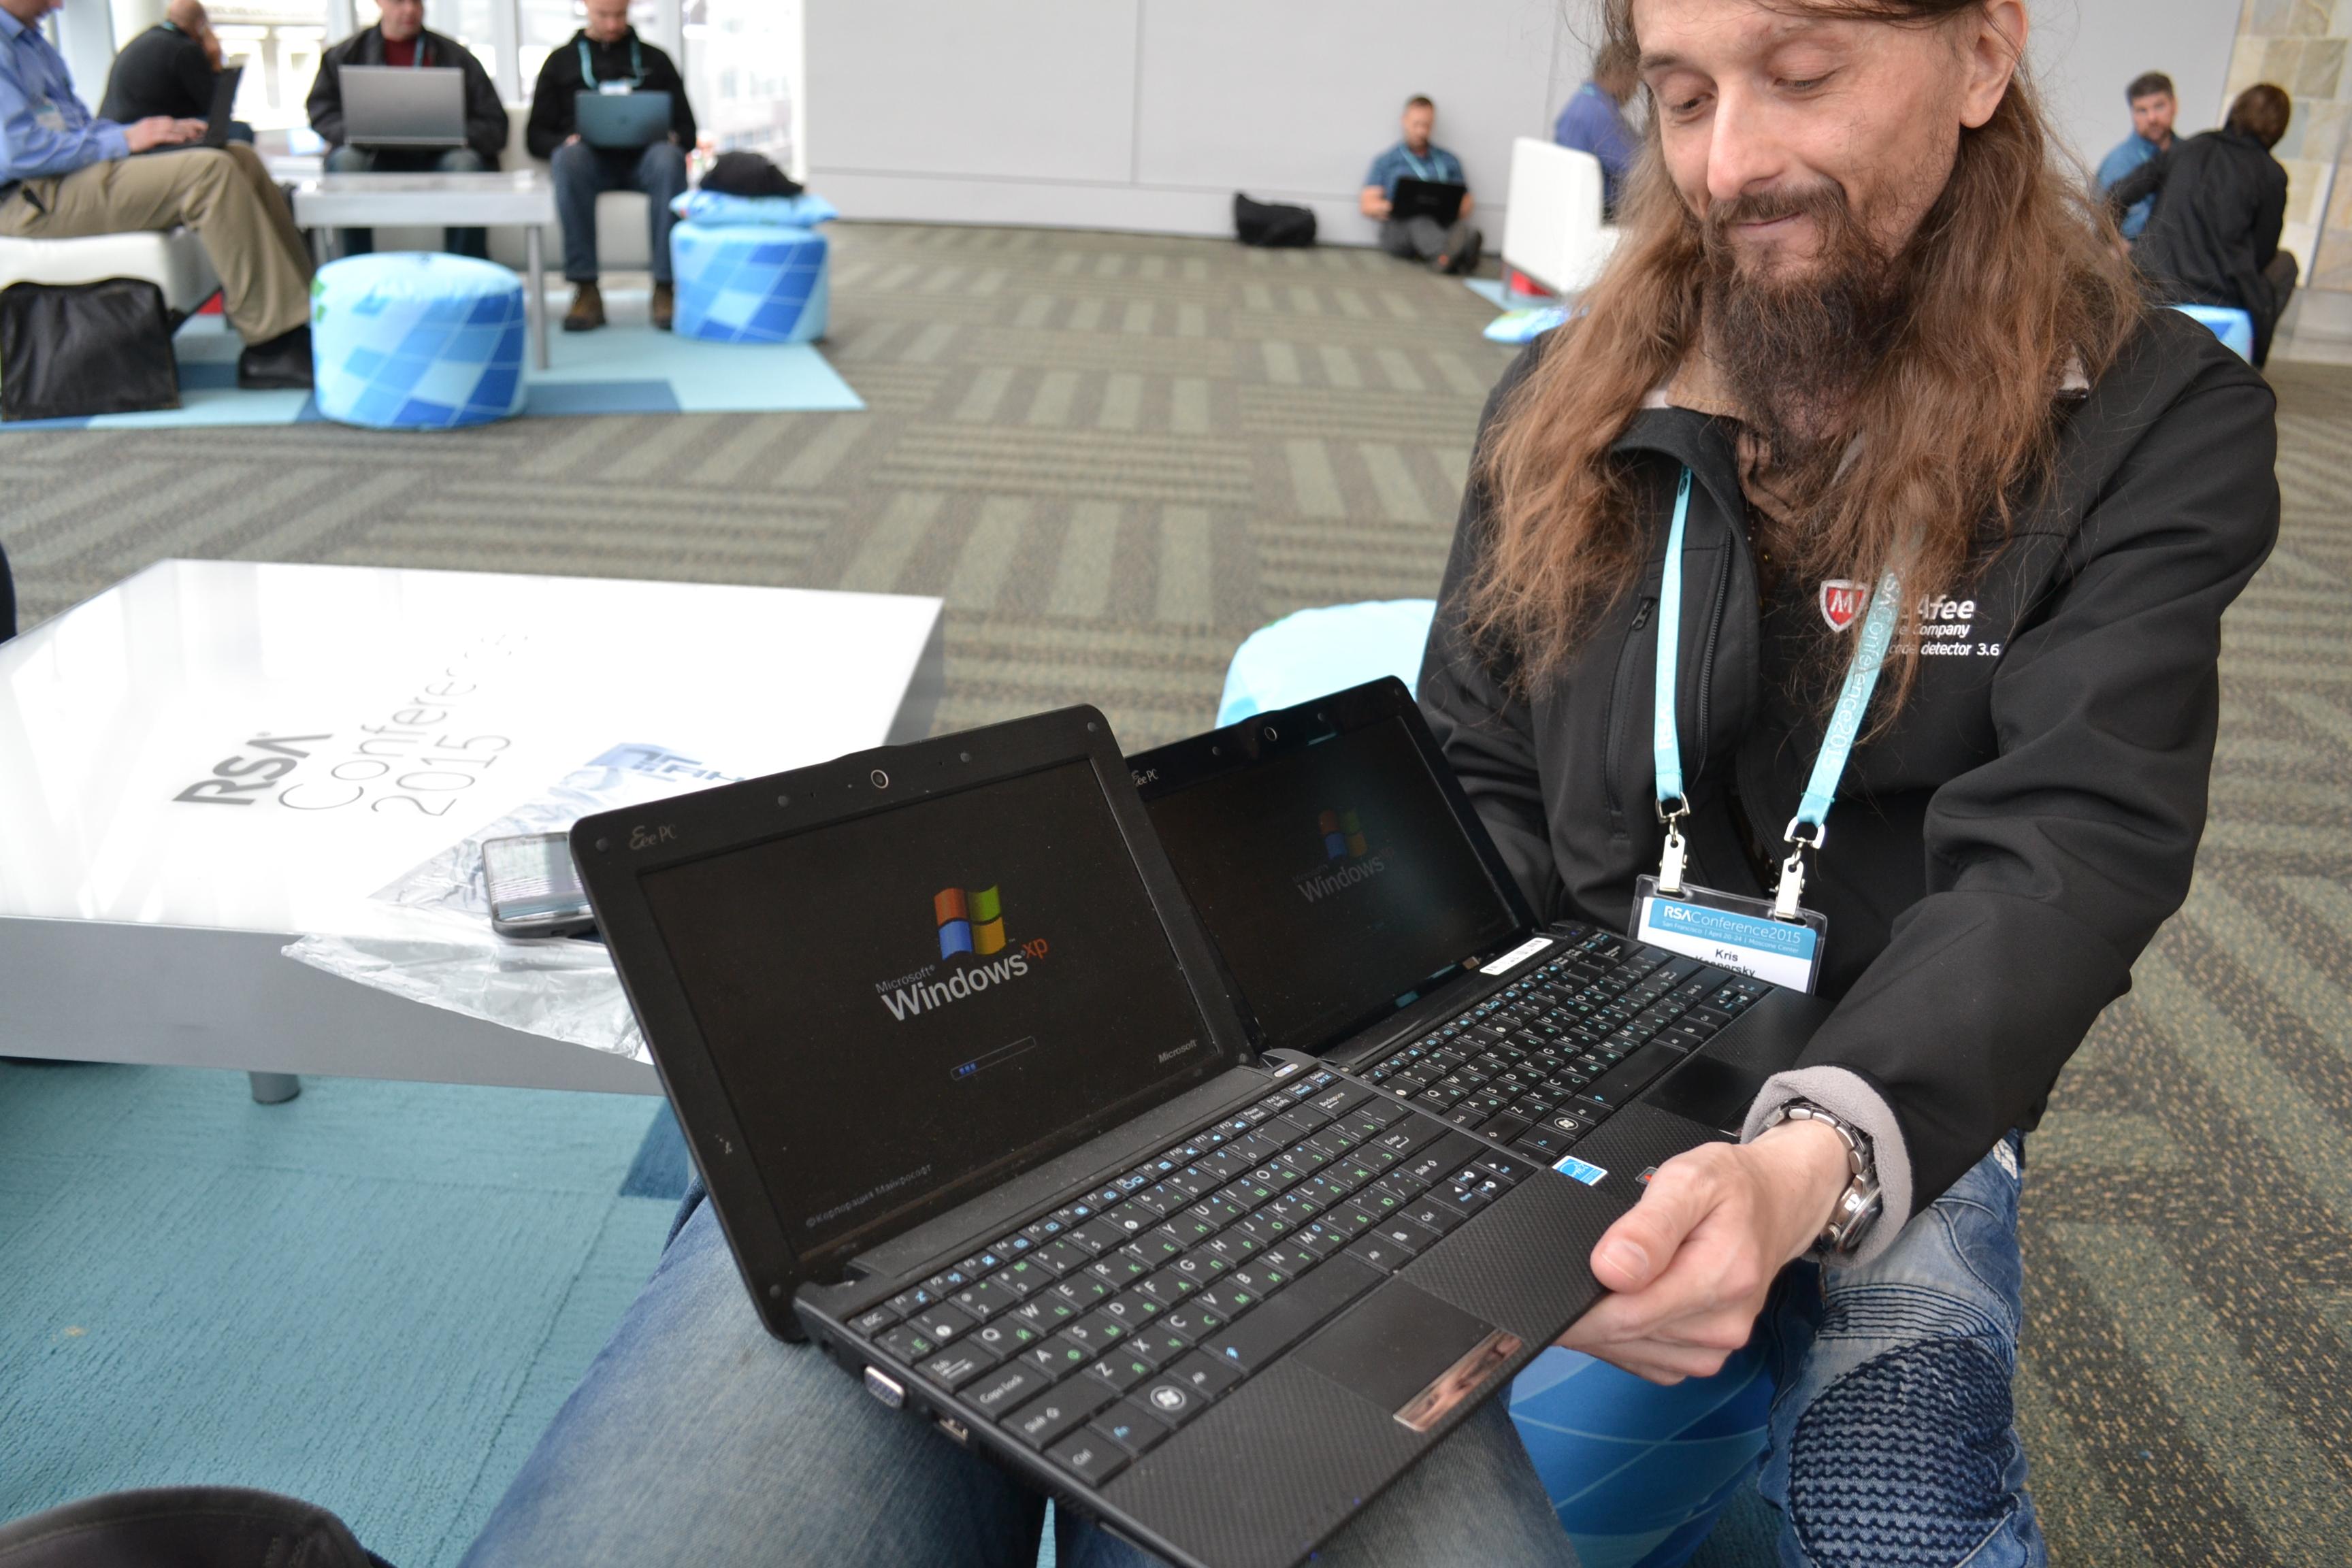 Встретились мы с Крисом, сели за столик в западном корпусе, и я достал из рюкзака свой повидавший много стран Asus Eee PC 1001px. А Крис посмотрел на меня с некоторым подозрением и достал из своего рюкзака точно такой же нетбук... И да, мы пользуемся Windows XP!